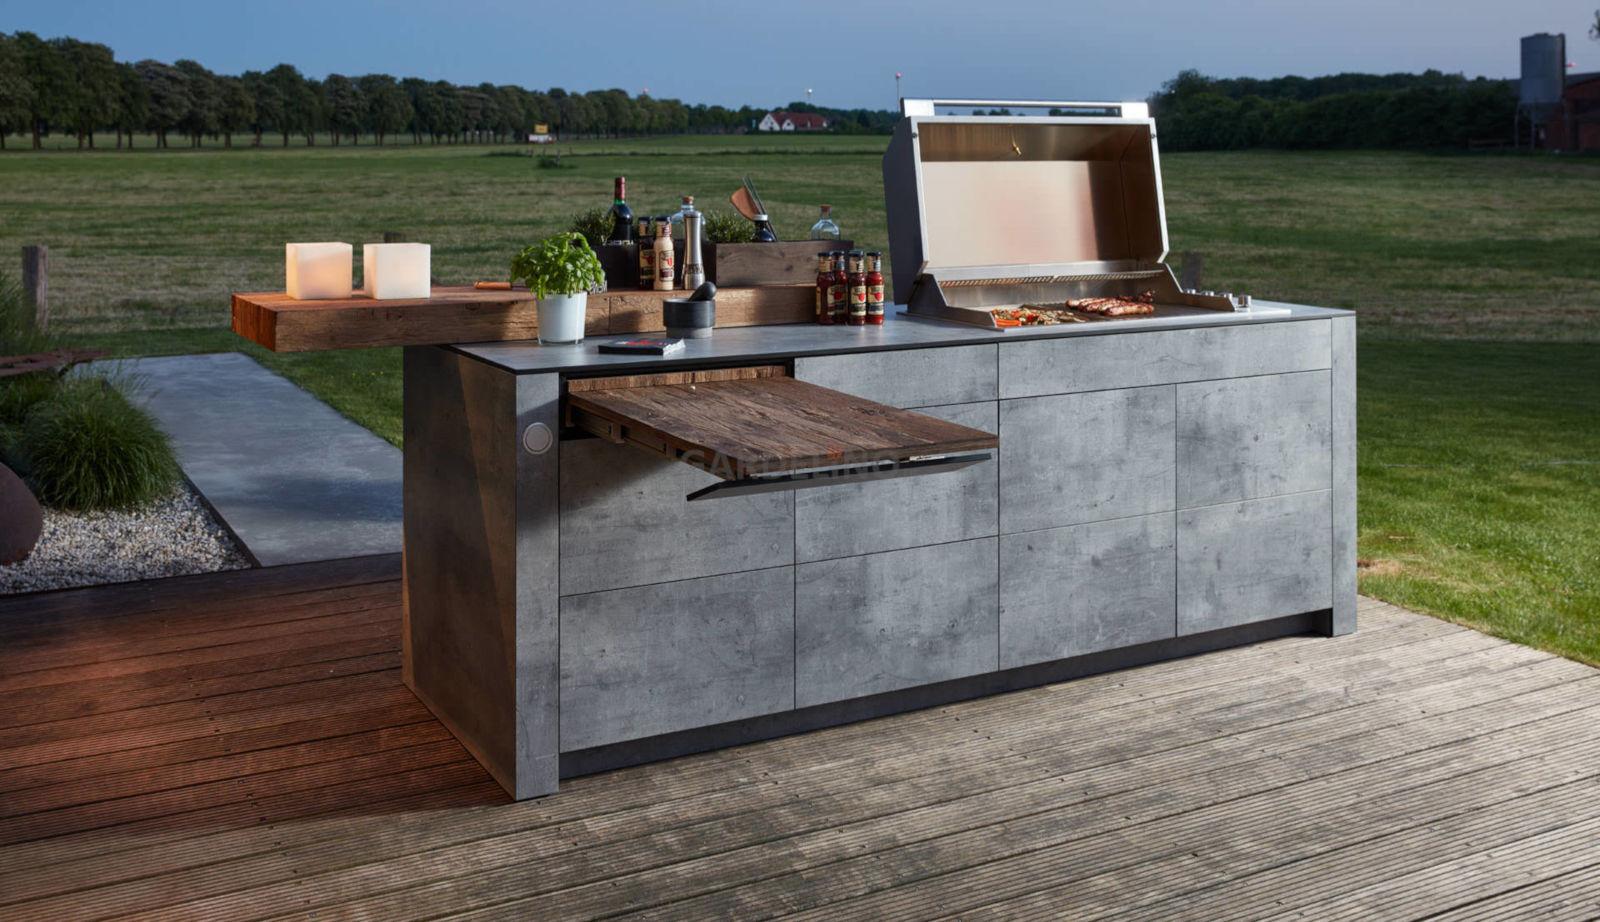 Full Size of Mobile Outdoorküche Outdoor Kche Kaufen Fr Garten Und Terrasse Küche Wohnzimmer Mobile Outdoorküche